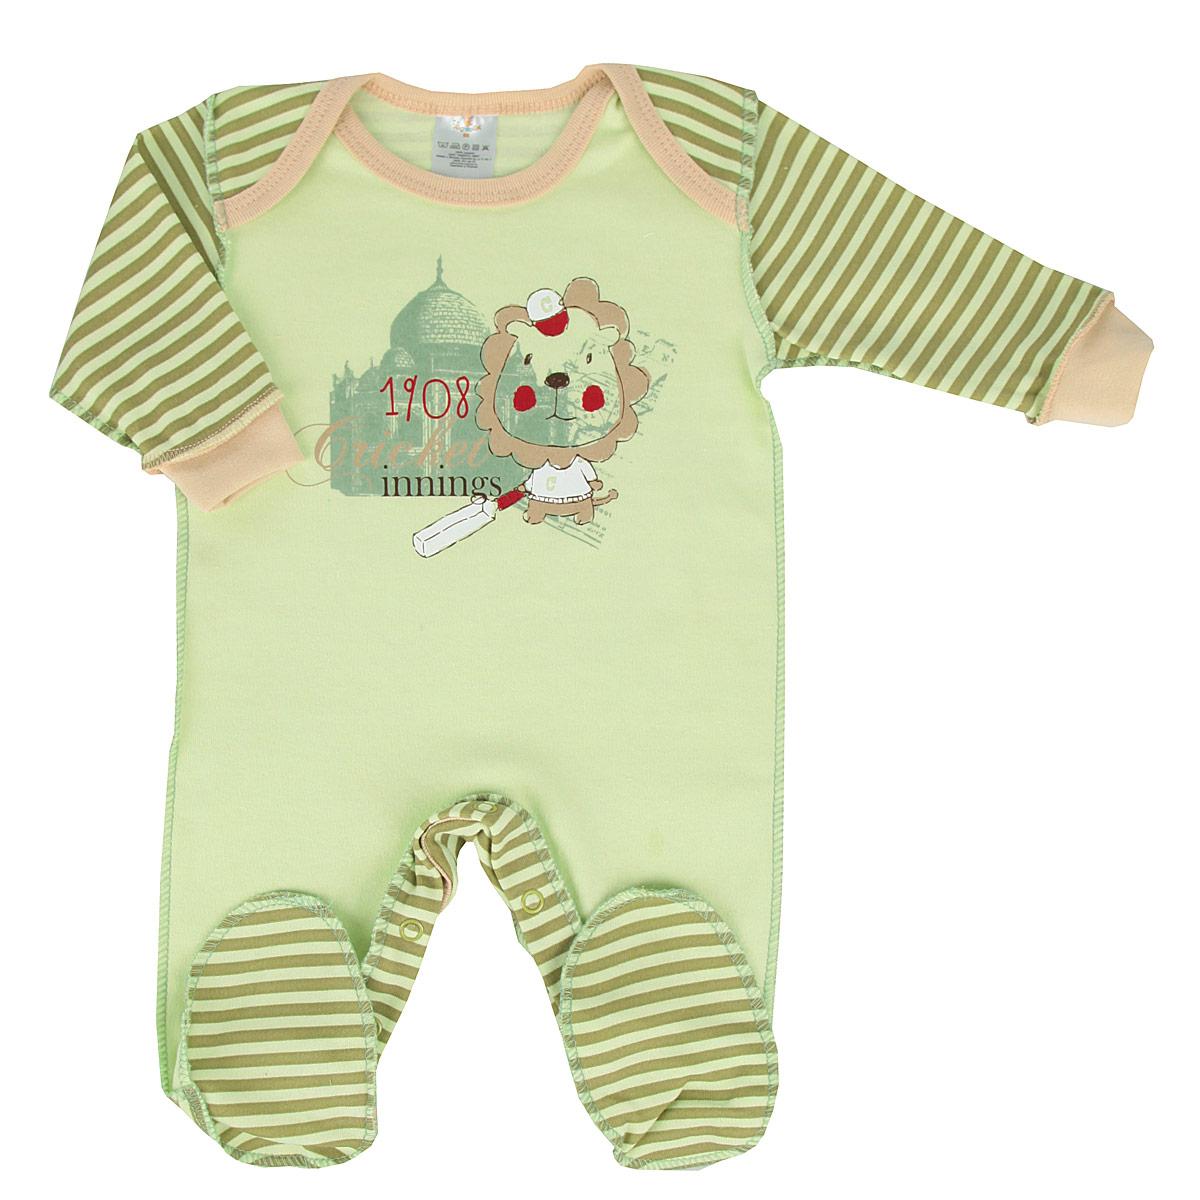 6183Детский комбинезон для мальчика КотМарКот - очень удобный и практичный вид одежды для малышей. Комбинезон выполнен из натурального хлопка, благодаря чему он необычайно мягкий и приятный на ощупь, не раздражает нежную кожу ребенка, хорошо вентилируется, и не препятствует его движениям. Комбинезон с длинными рукавами и закрытыми ножками имеет удобные запахи на плечах и застегивается при помощи ряда кнопок по внутреннему шву штанин, что помогает легко переодеть младенца и сменить подгузник. Рукава дополнены широкими трикотажными манжетами, которые мягко обхватывают запястья. Комбинезон декорирован принтом в полоску и оформлен изображением очаровательного львенка-спортсмена. С этим детским комбинезоном спинка и ножки вашего малыша всегда будут в тепле, он идеален для использования днем и незаменим ночью. Комбинезон полностью соответствует особенностям жизни младенца в ранний период, не стесняя и не ограничивая его в движениях!